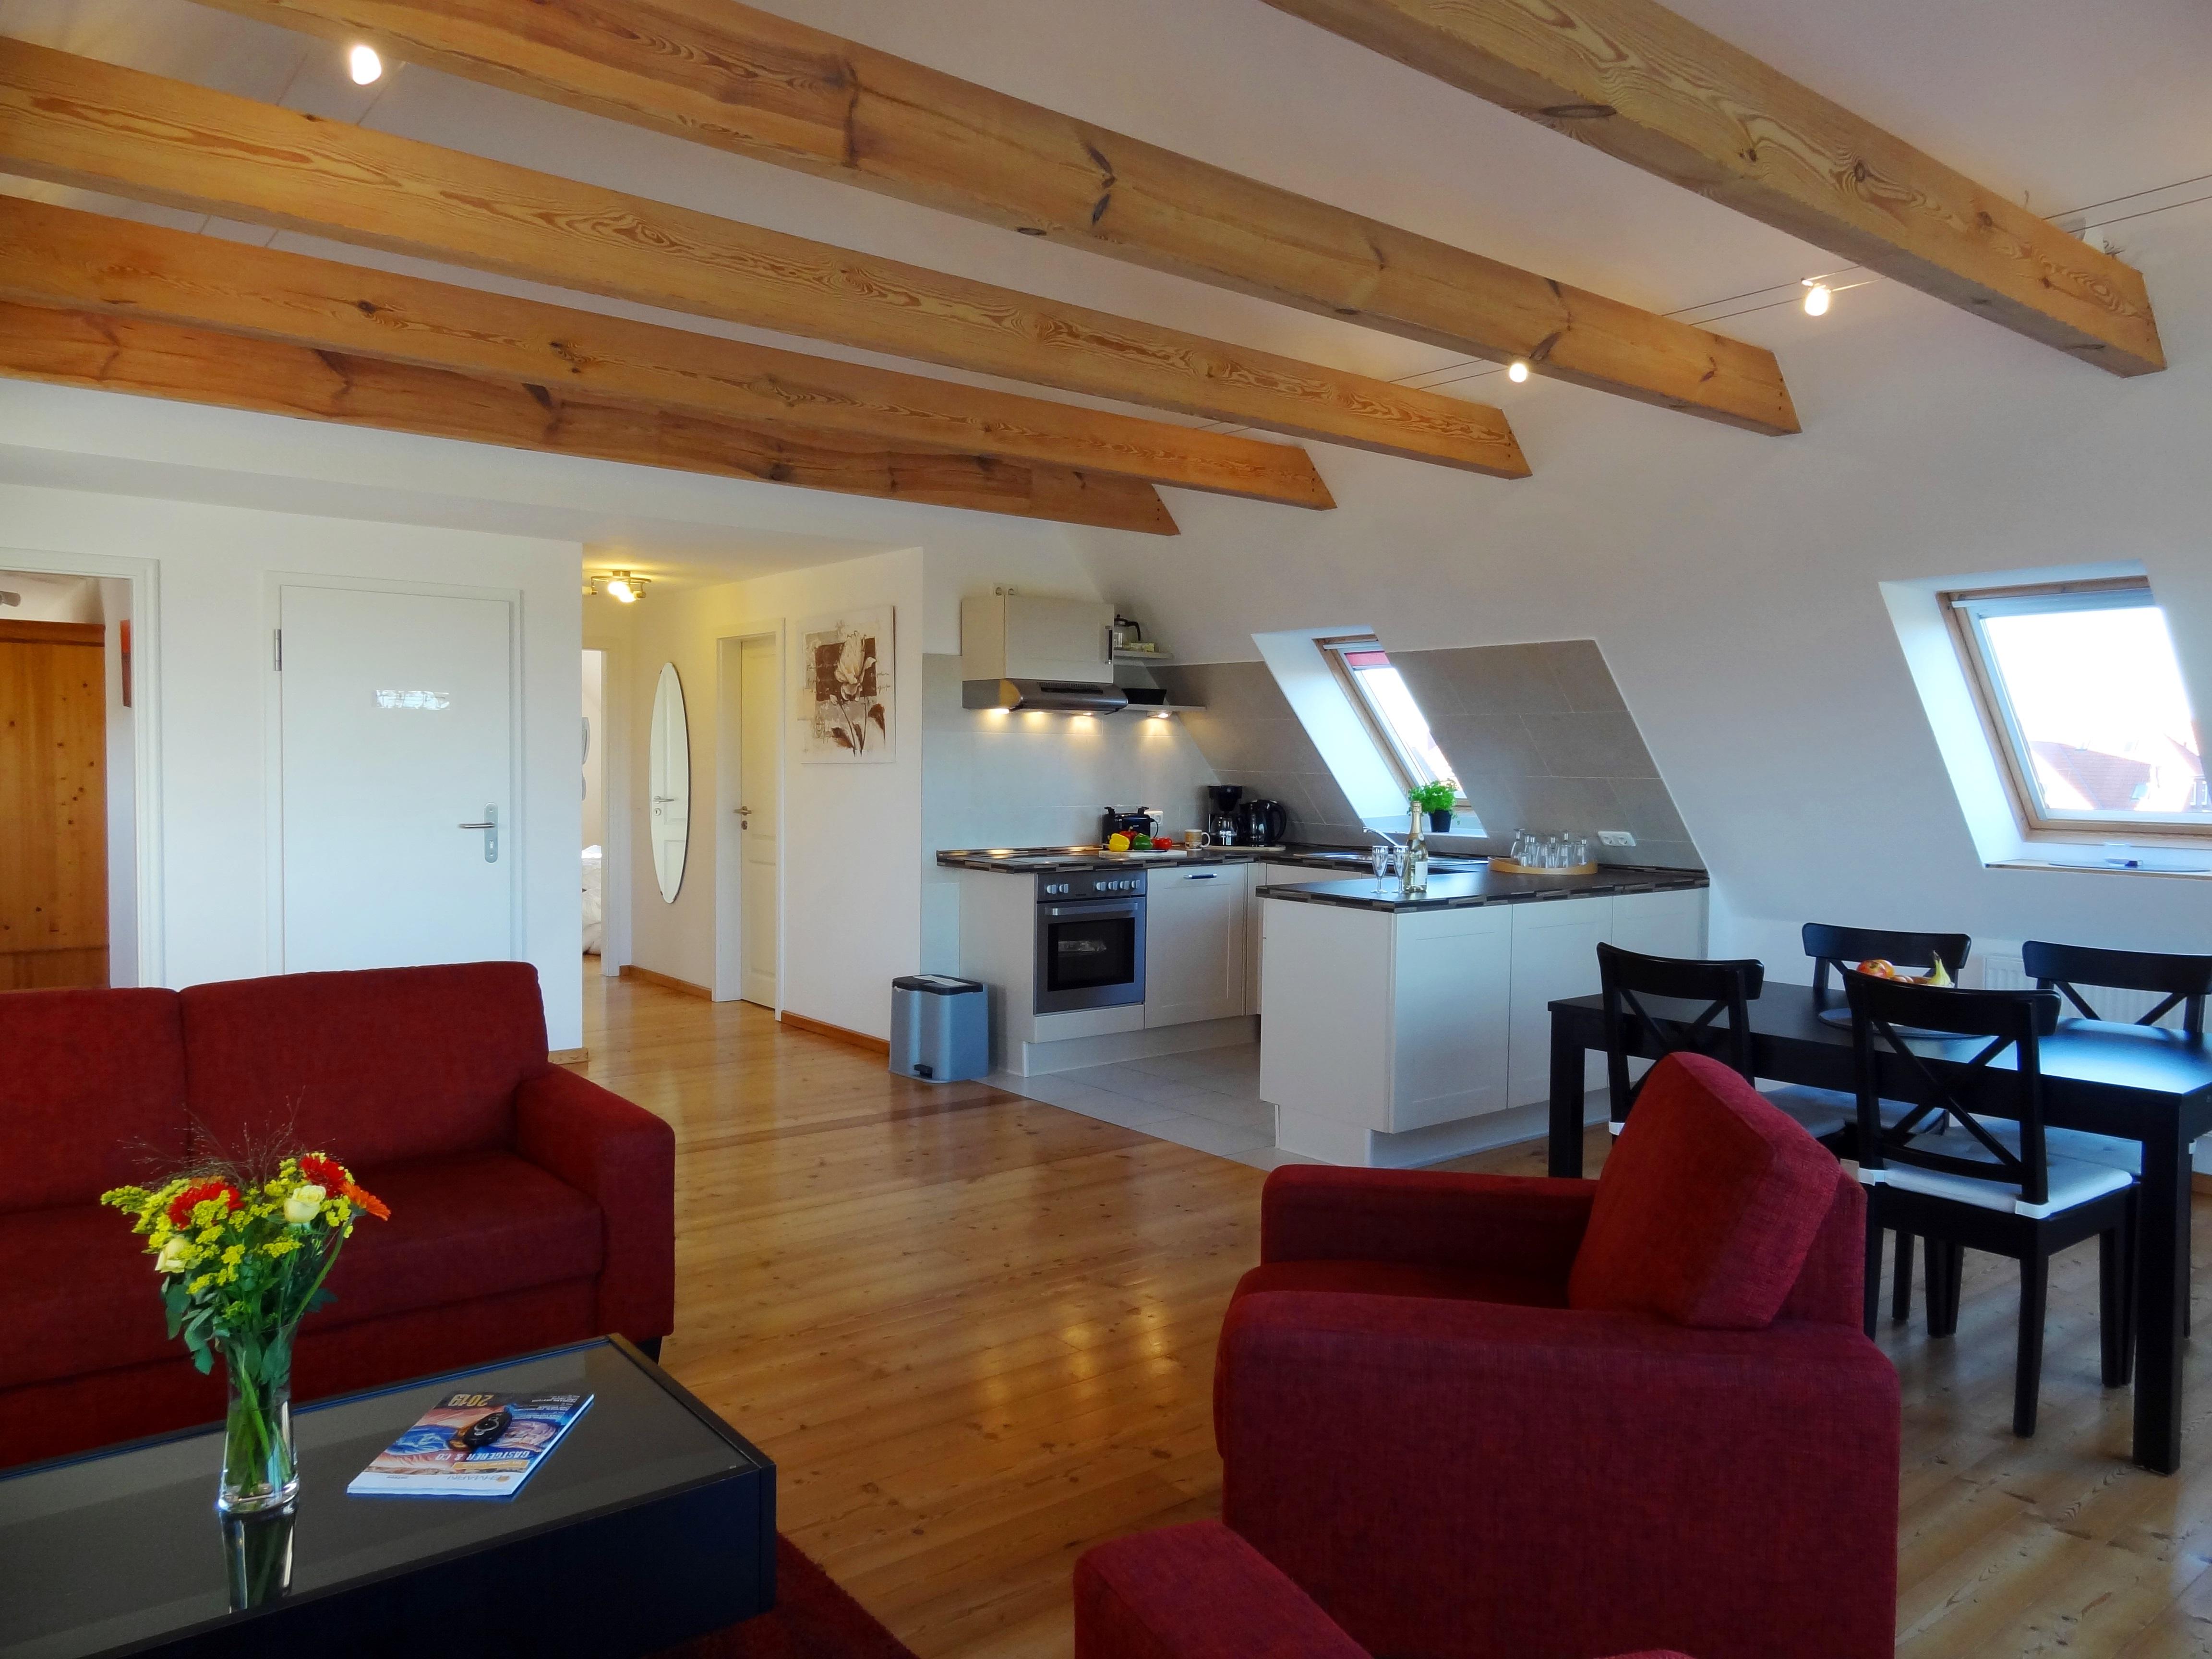 Wohnzimmer mit sichtbaren Dachbalken der Ferienwohnung Studio Seeblick von Ferienwohnungen Hass auf Fehmarn